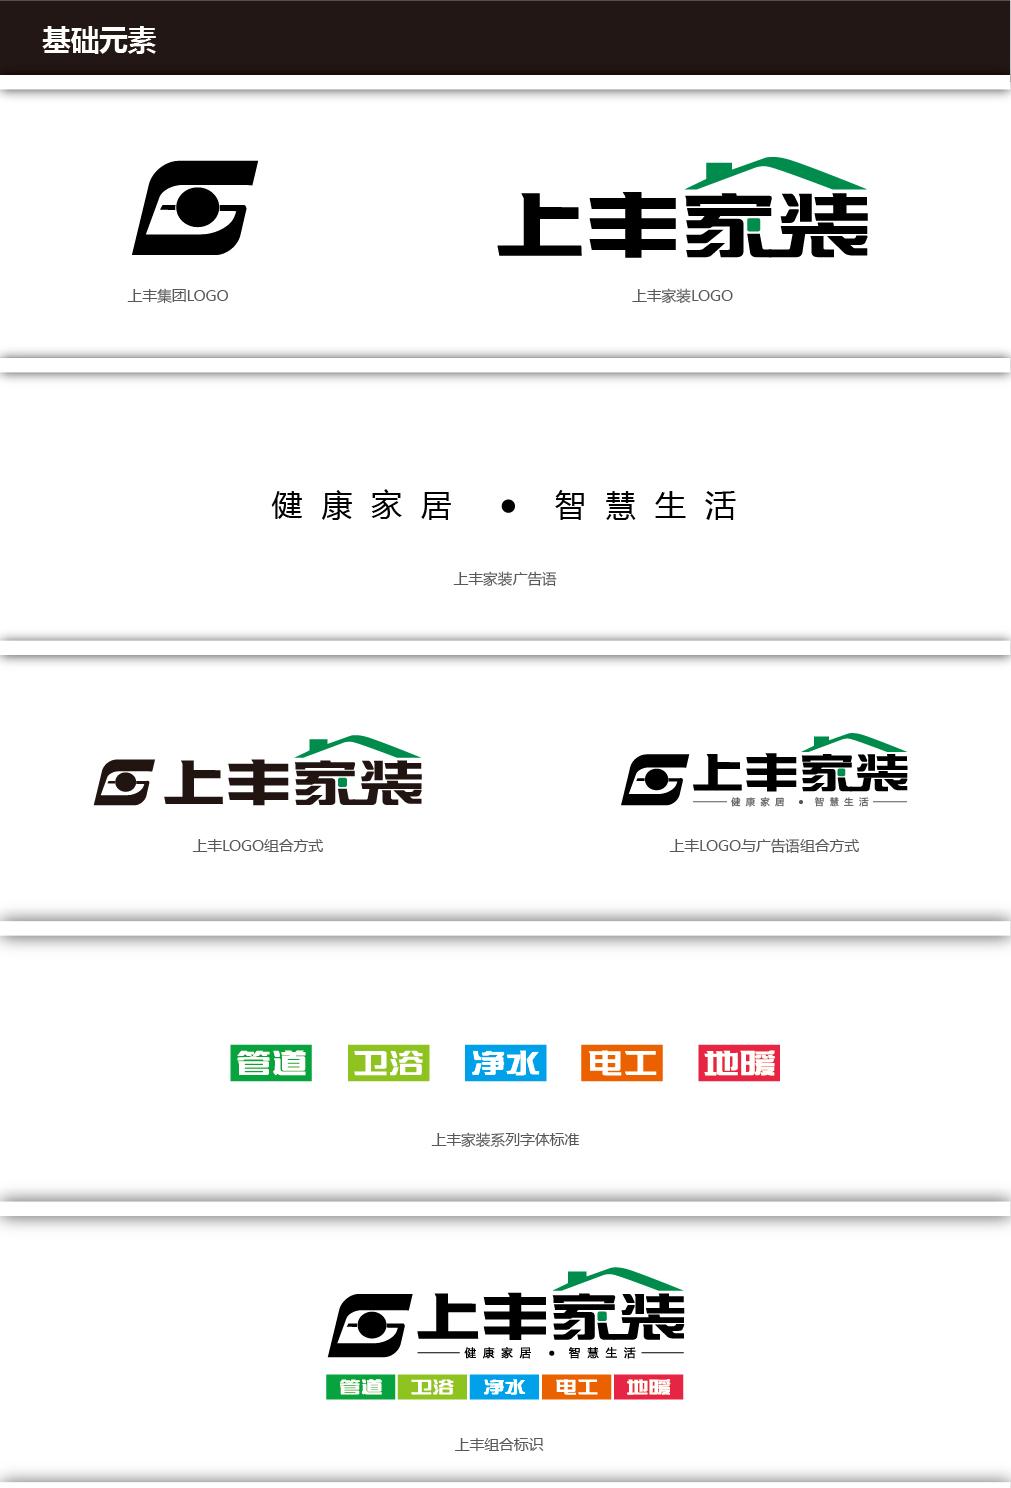 上丰家装VI识别系统-01.jpg